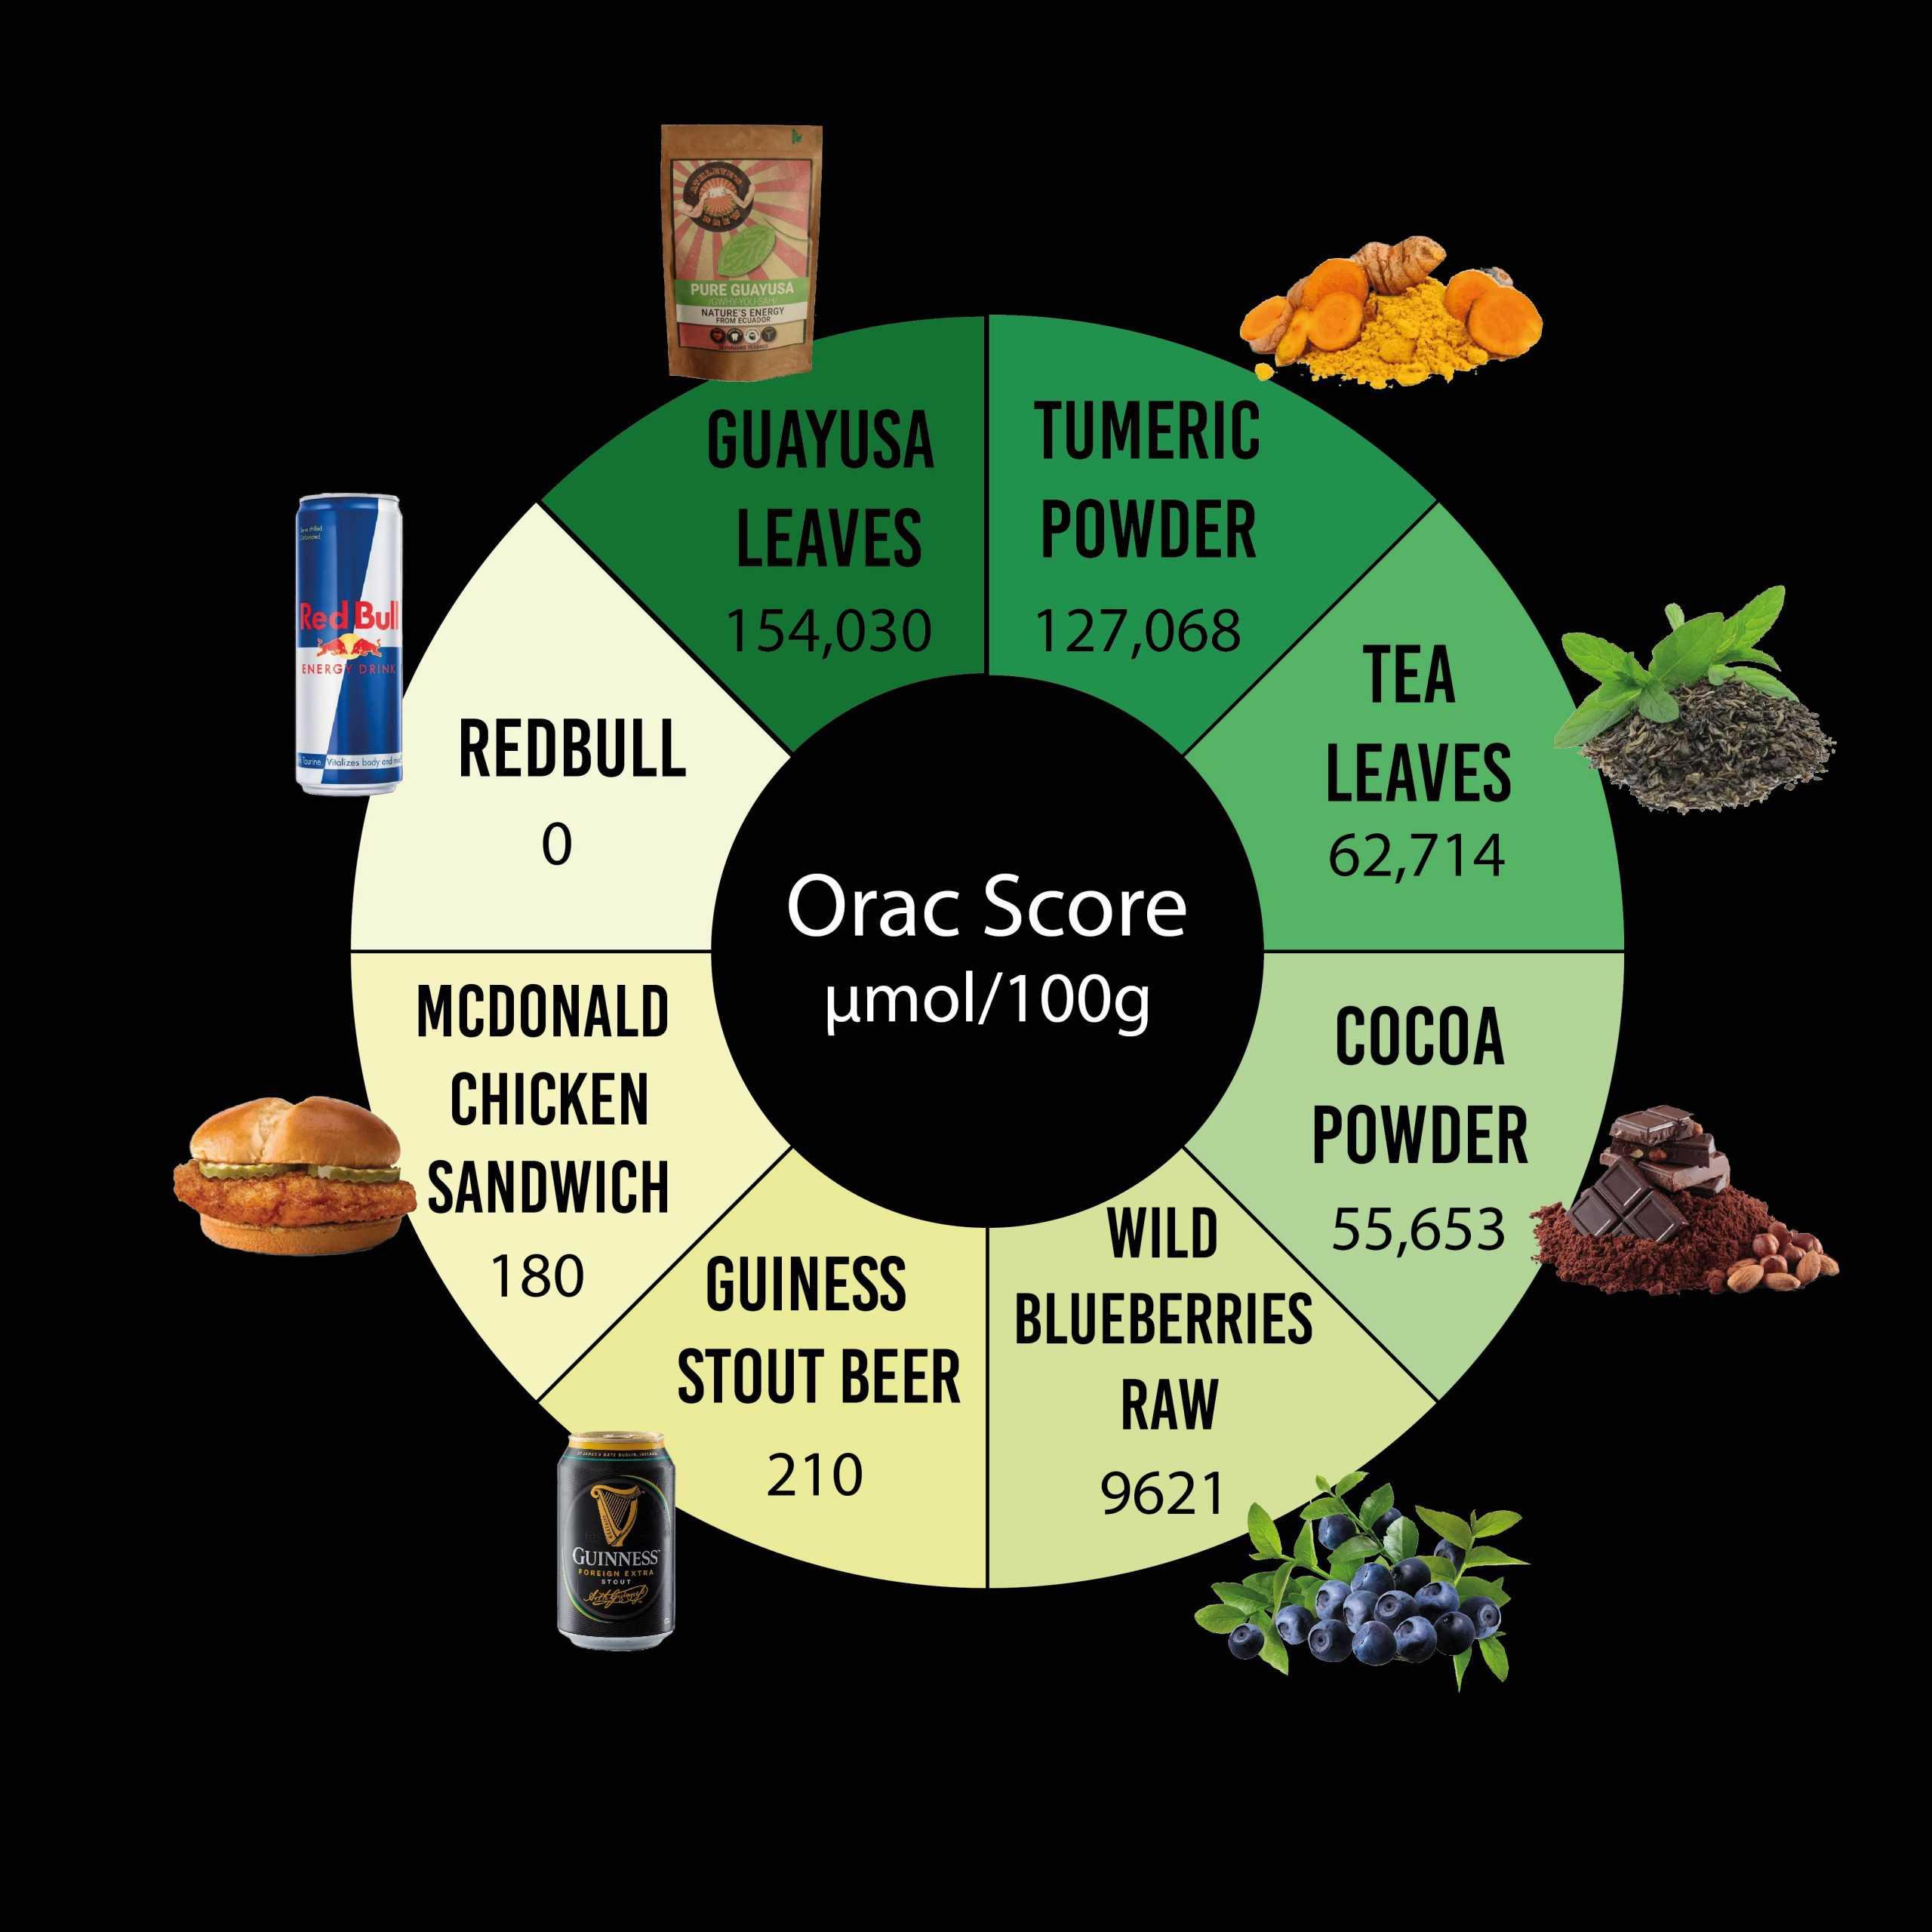 Guayusa ORAC score comparison